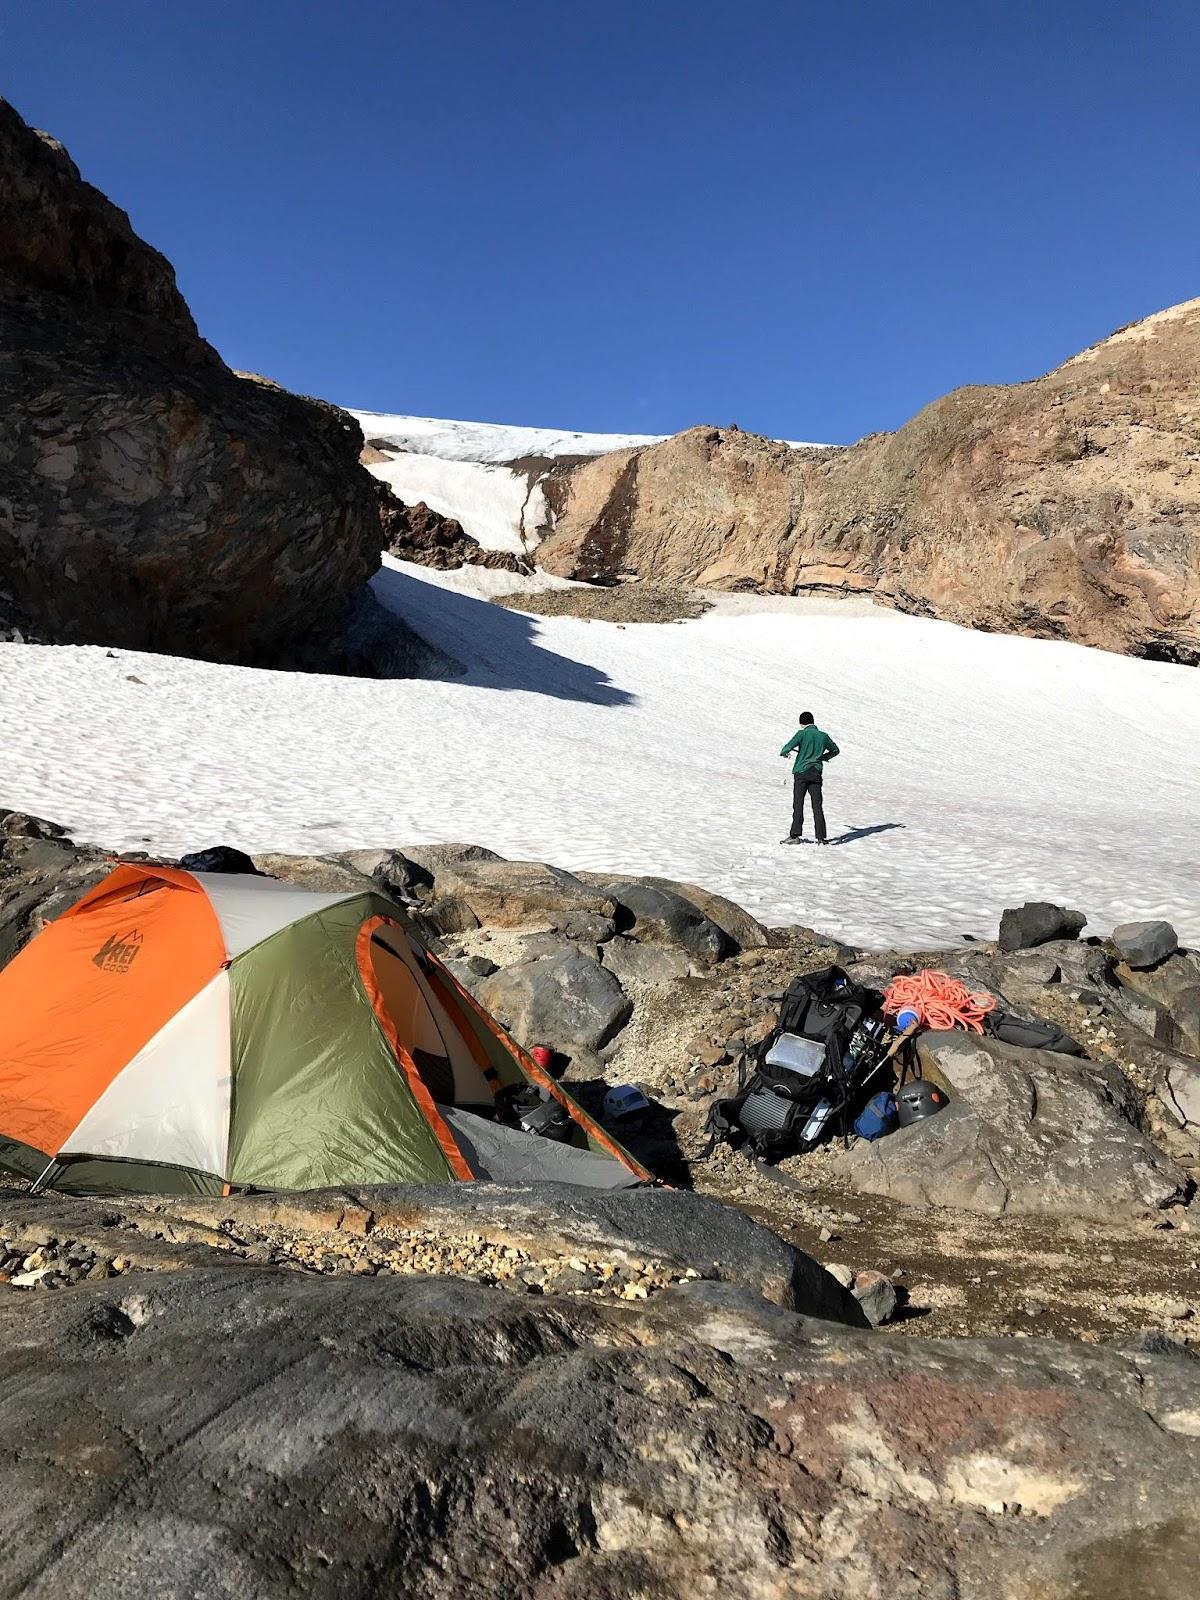 Camping at the portal